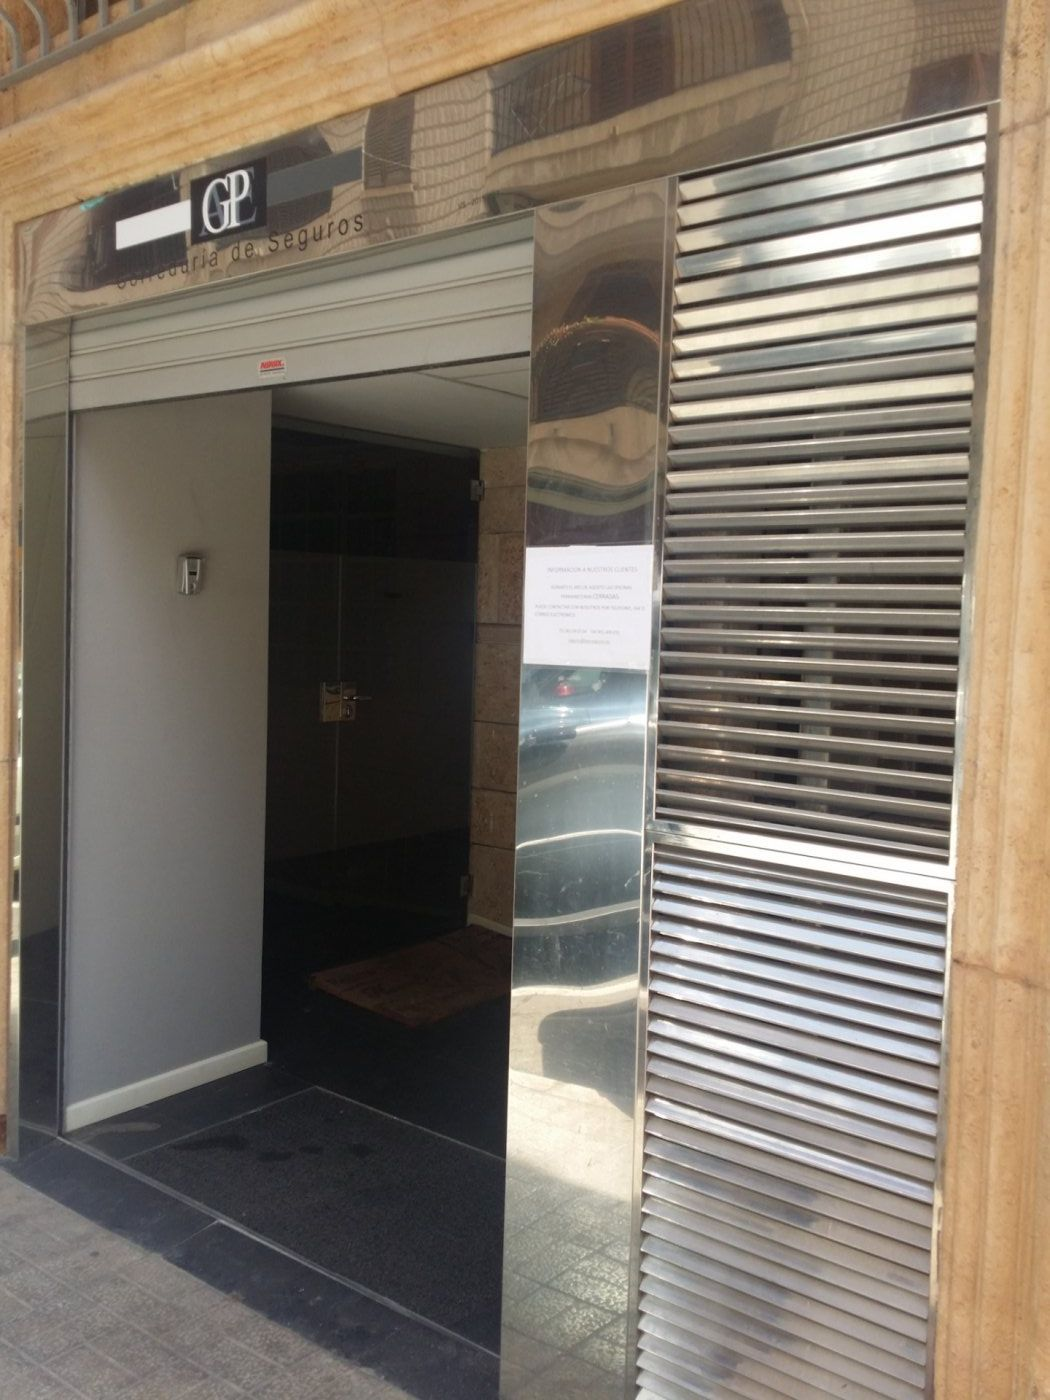 Venta de entresuelo vivienda  + bajo comercial en 2 plantas en pleno centro de burjassot - imagenInmueble8